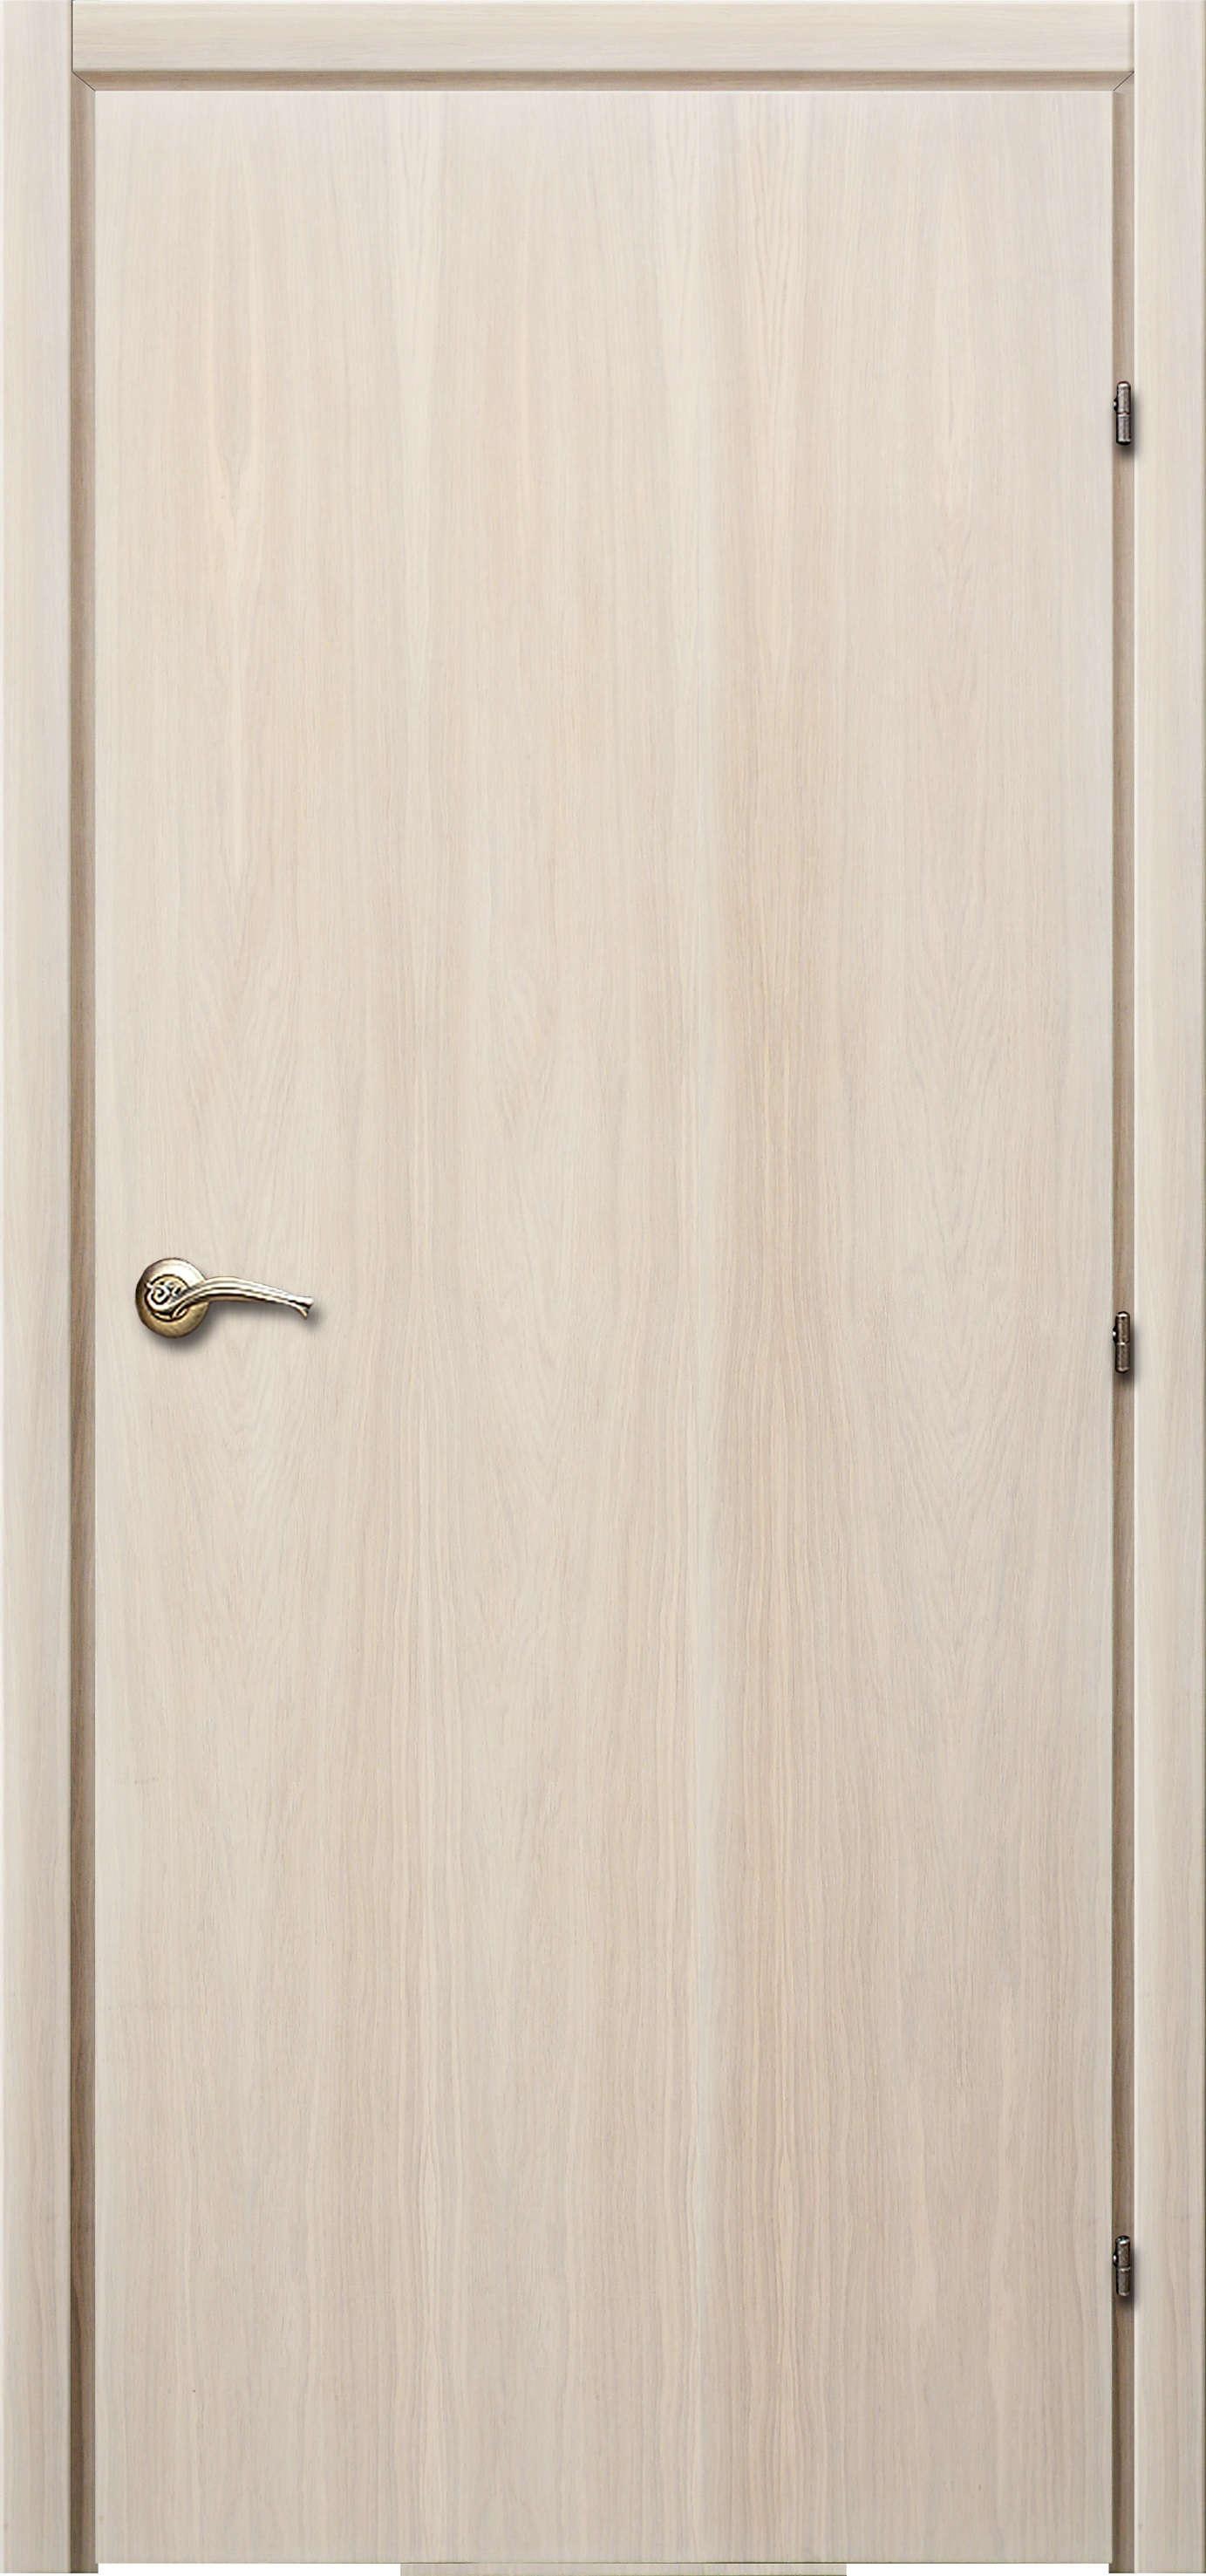 Межкомнатные двери в цвете Дуб - Купить двери цвета Дуб в